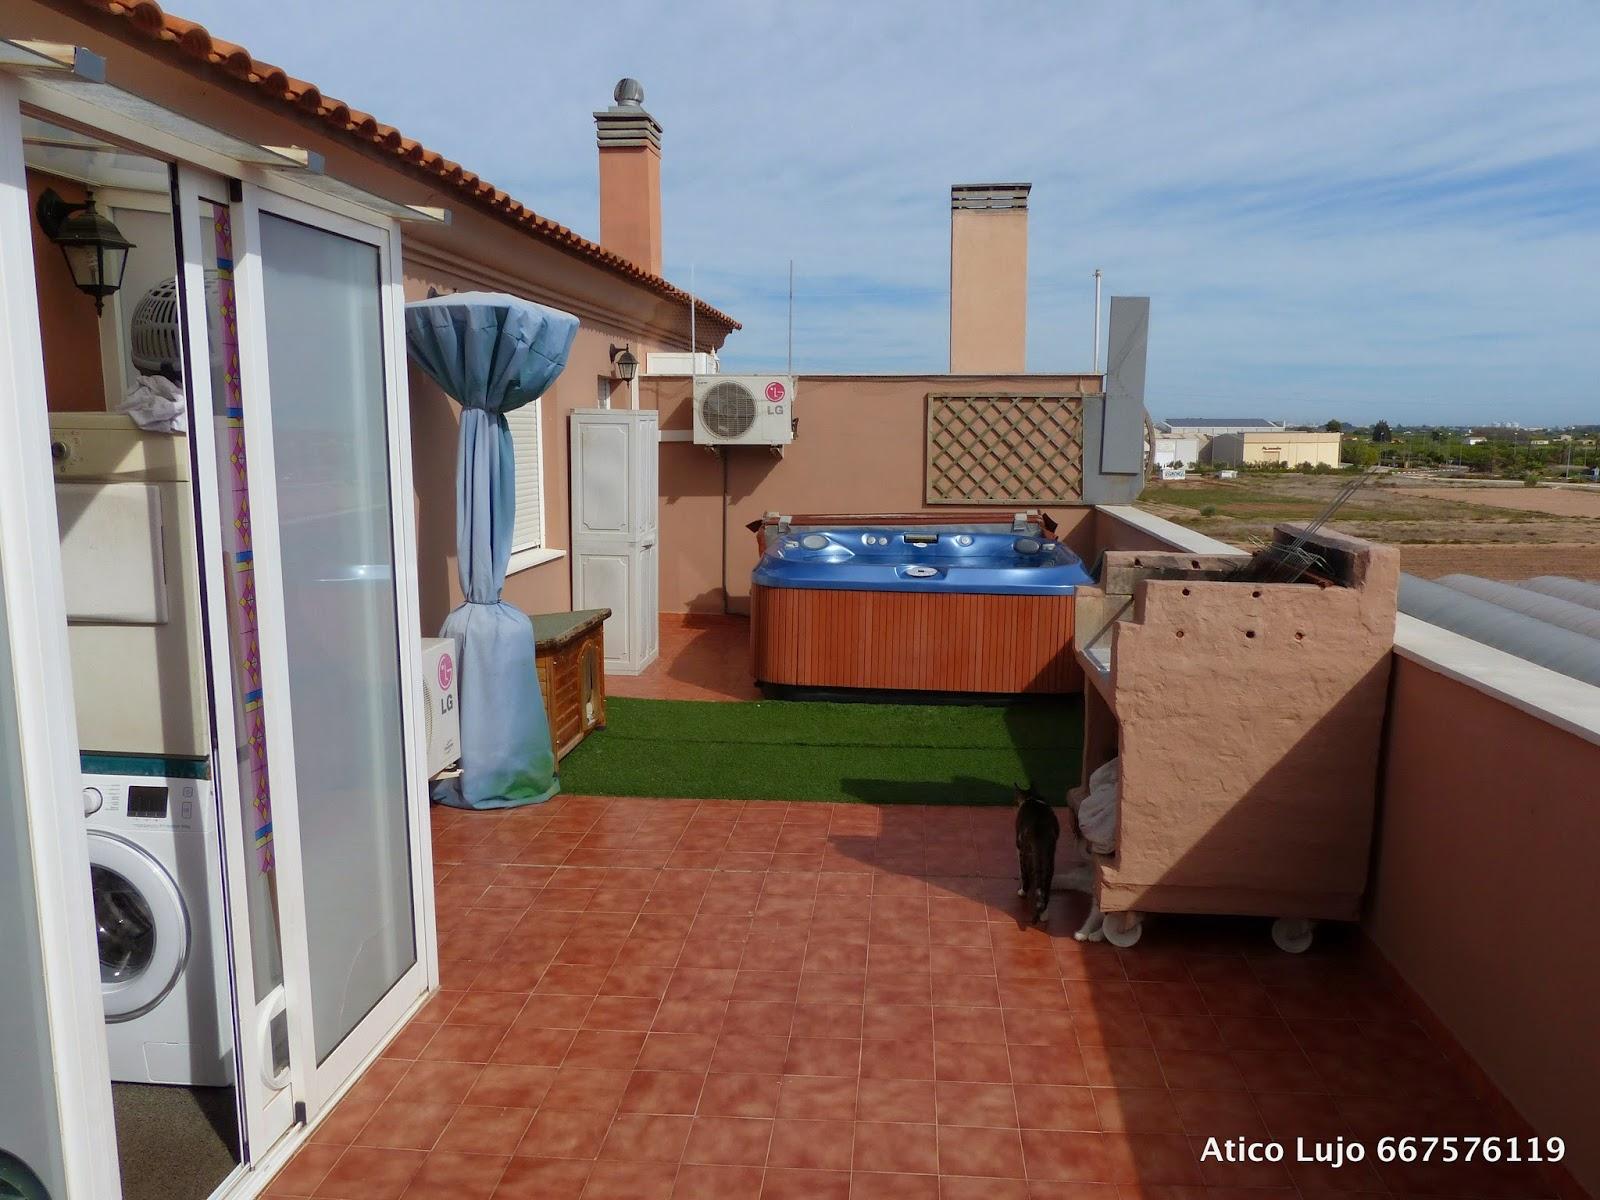 Atico de lujo con jacuzzi en terraza - Jacuzzi en terraza ...